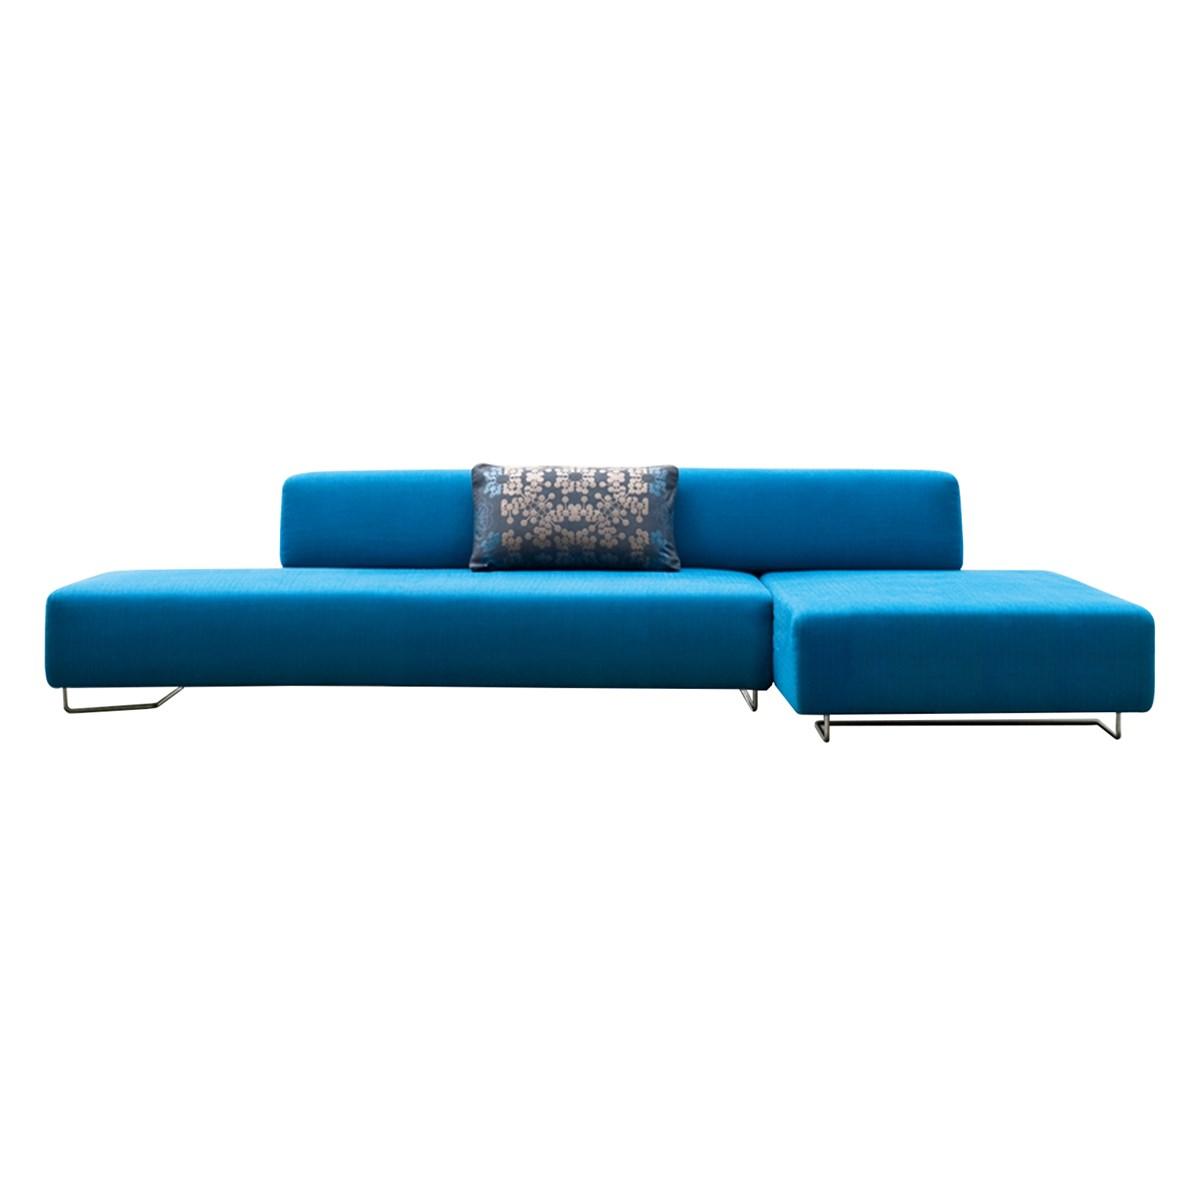 Moroso-Patricia-Urquiola-Lowland-Sofa-Matisse-1